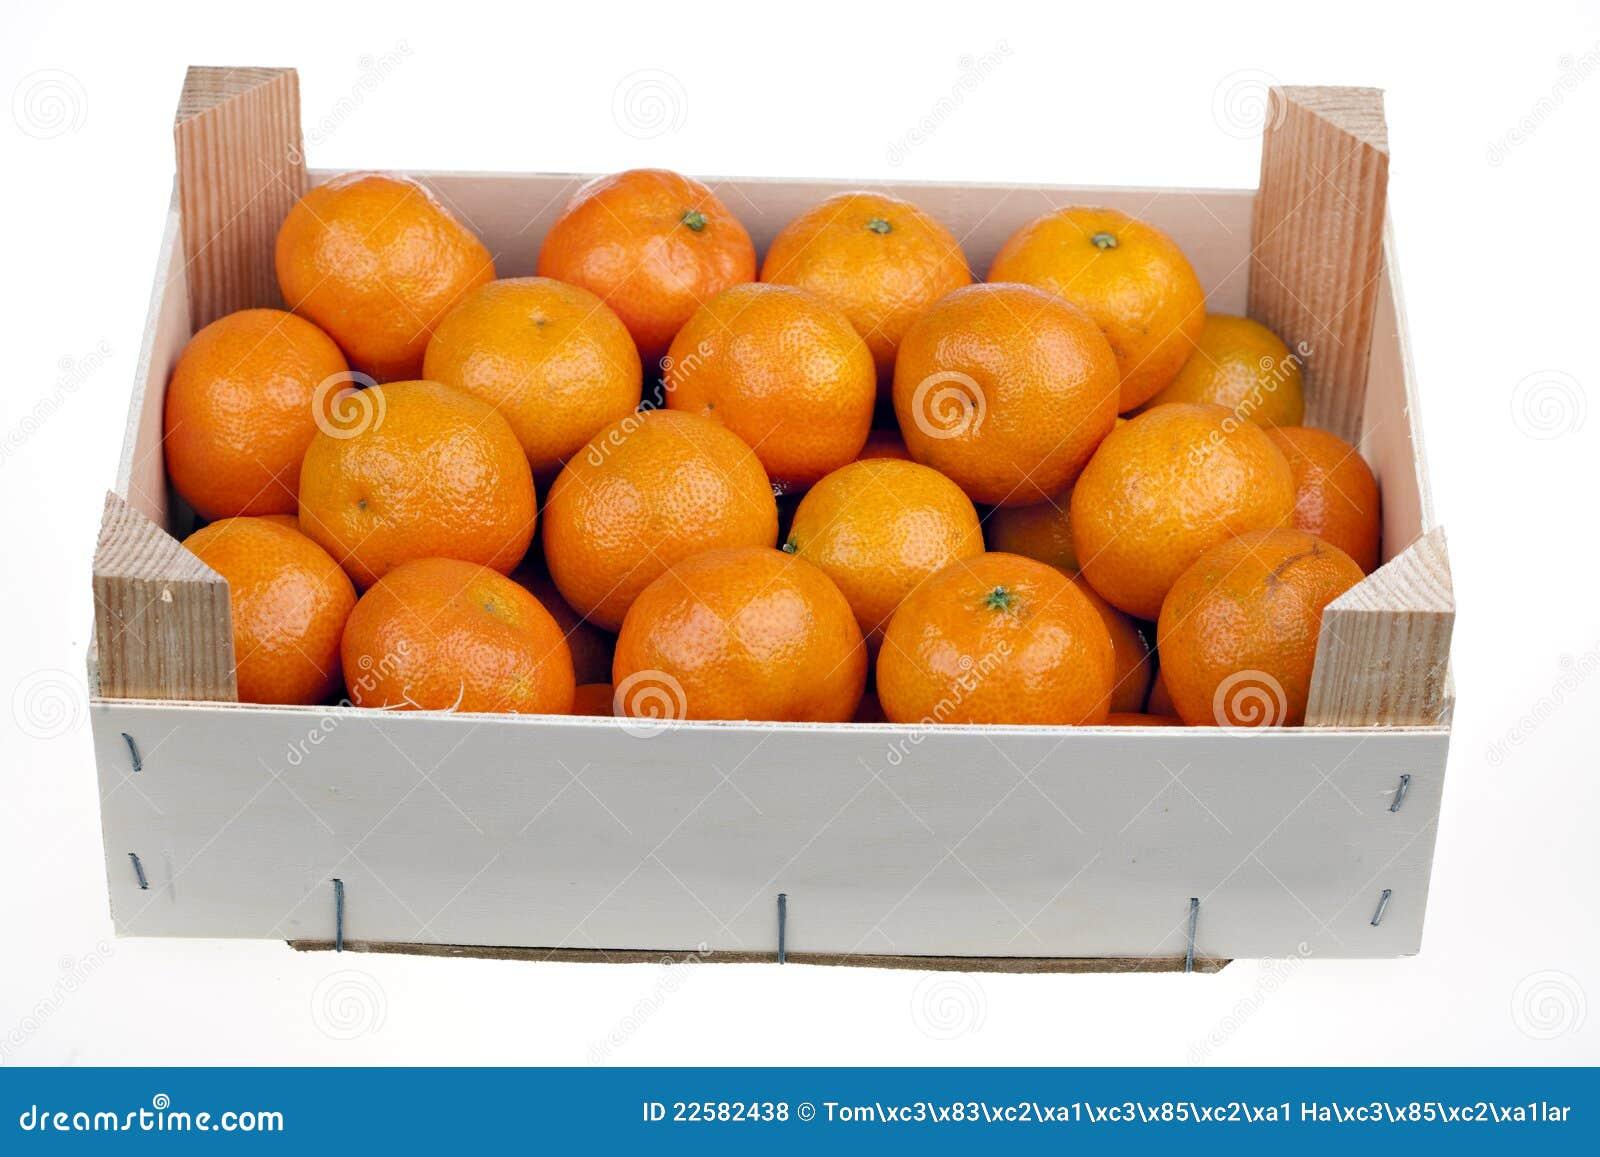 Frische Mandarinezitrusfrüchte auf einem Markt